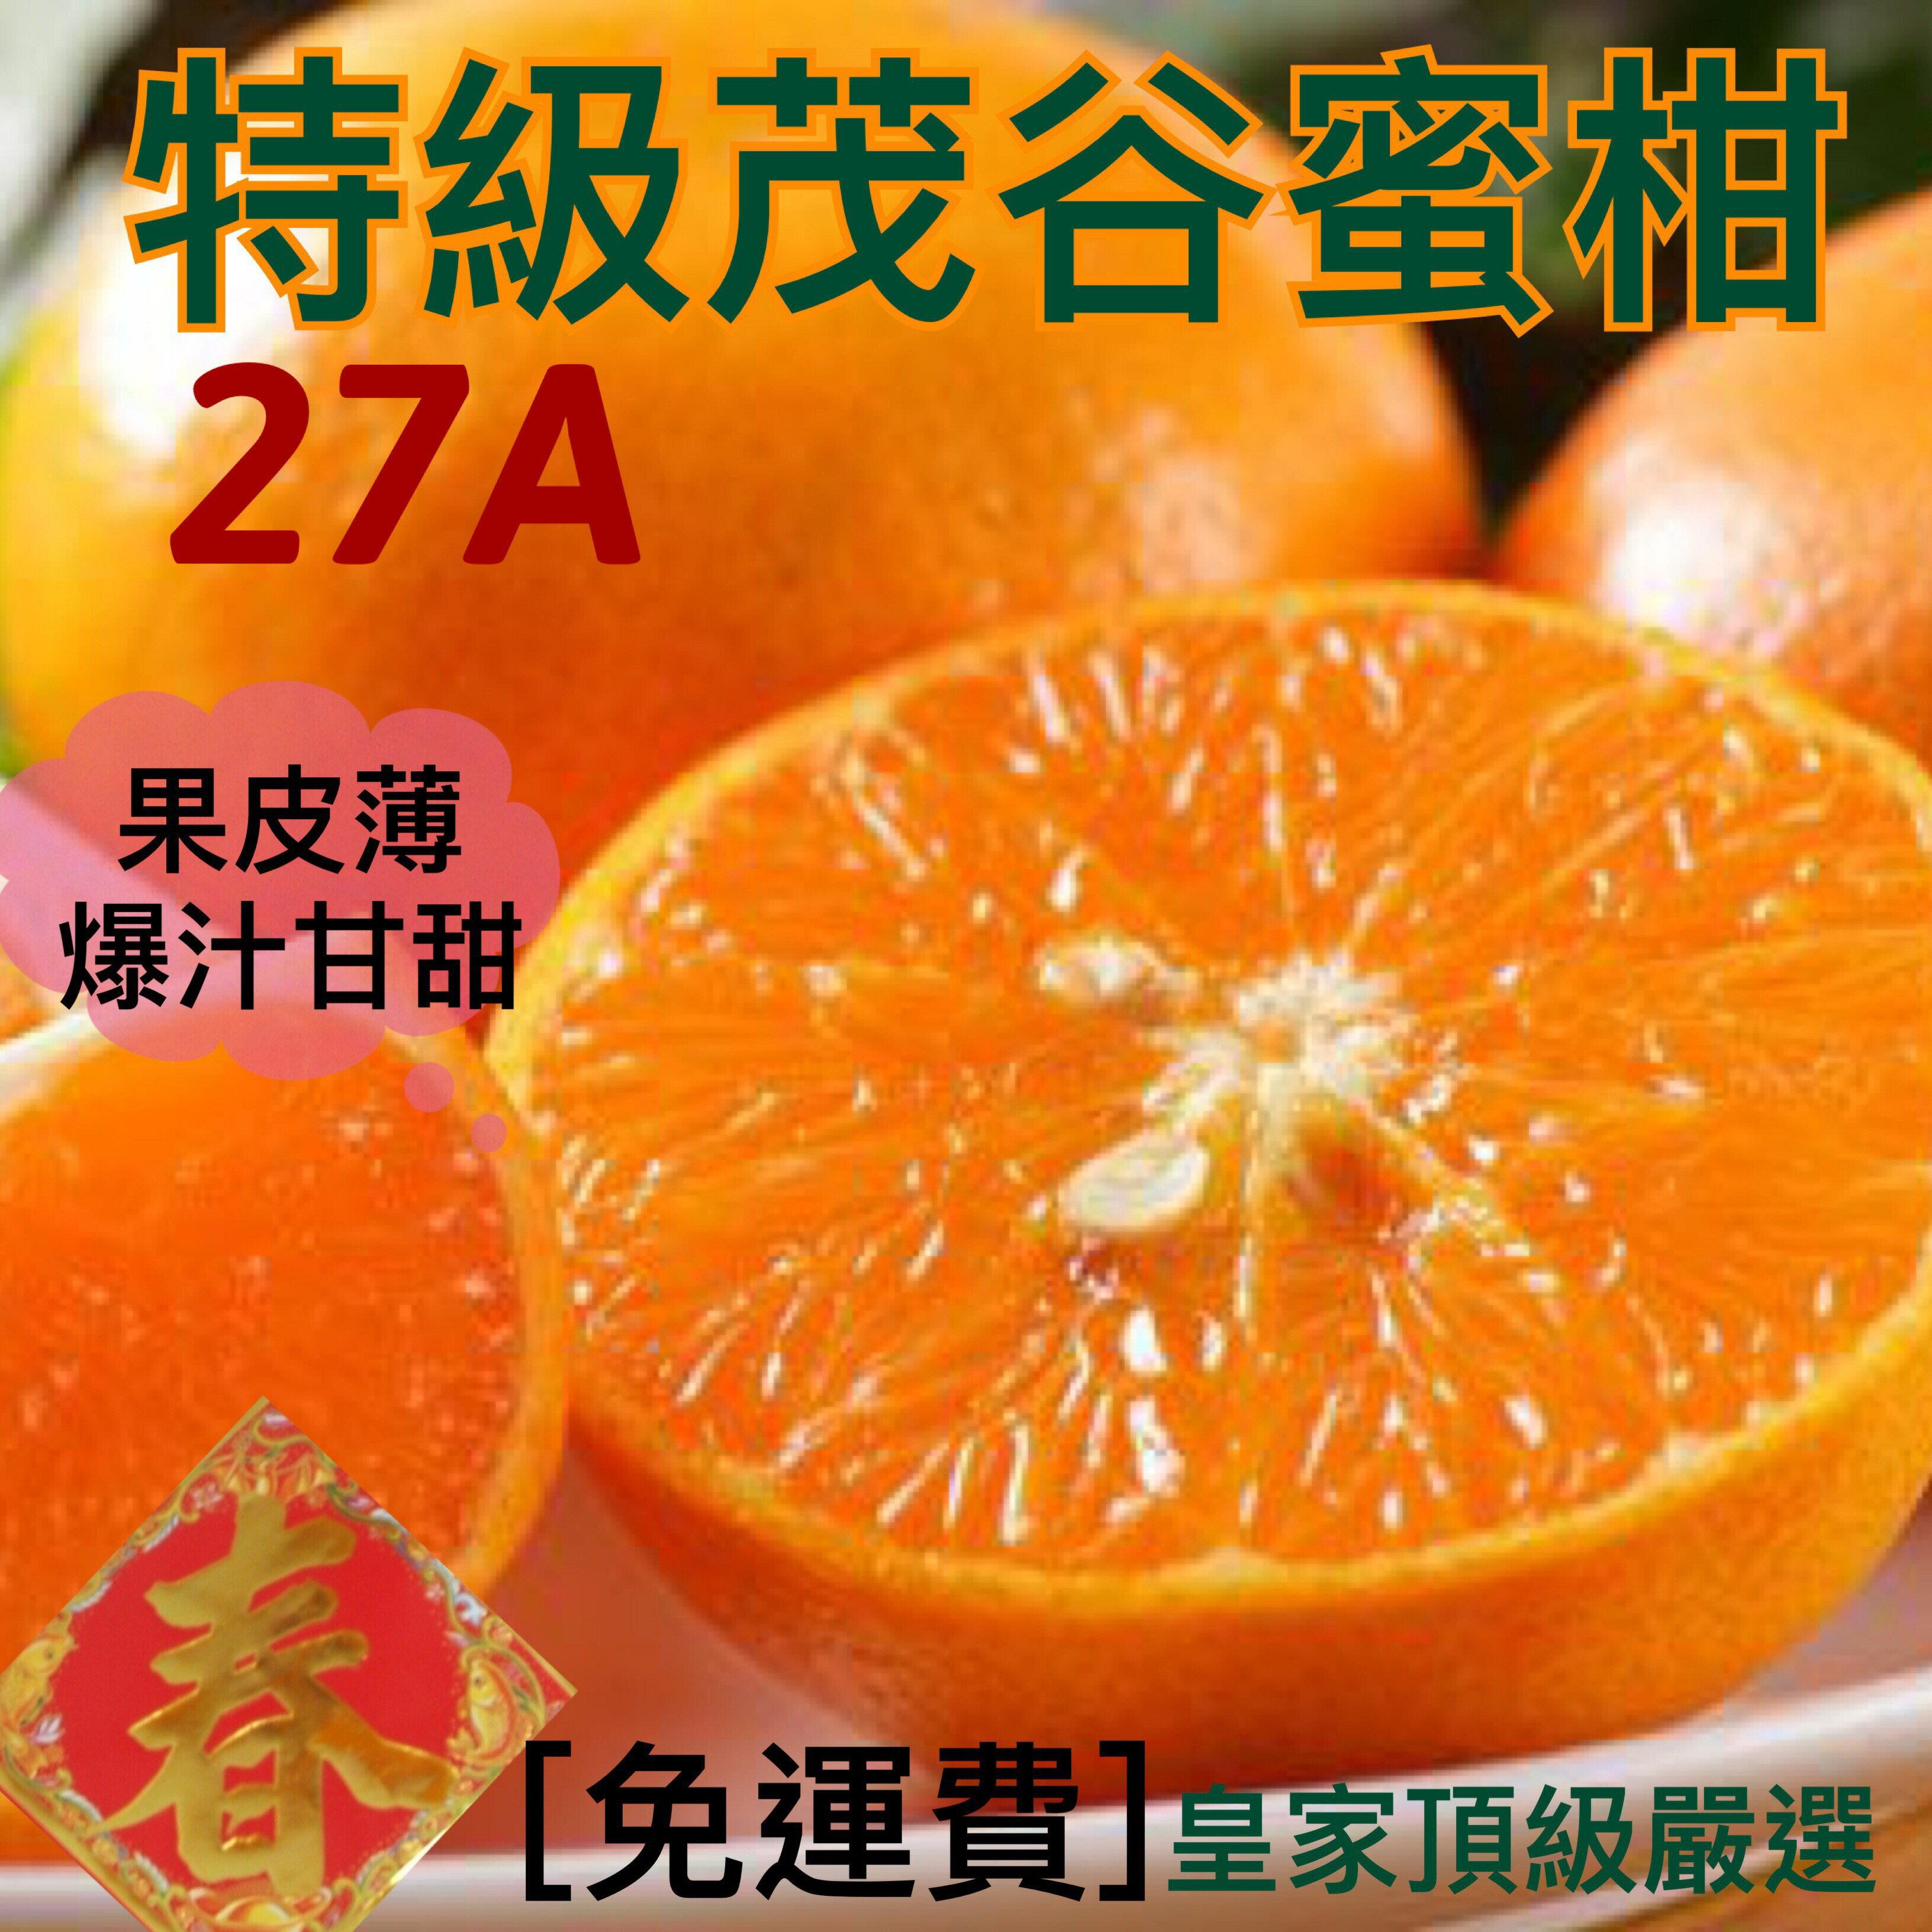 茂谷蜜柑27A 特級5斤/10斤/15斤/20斤/30斤【皇家果物】免運費